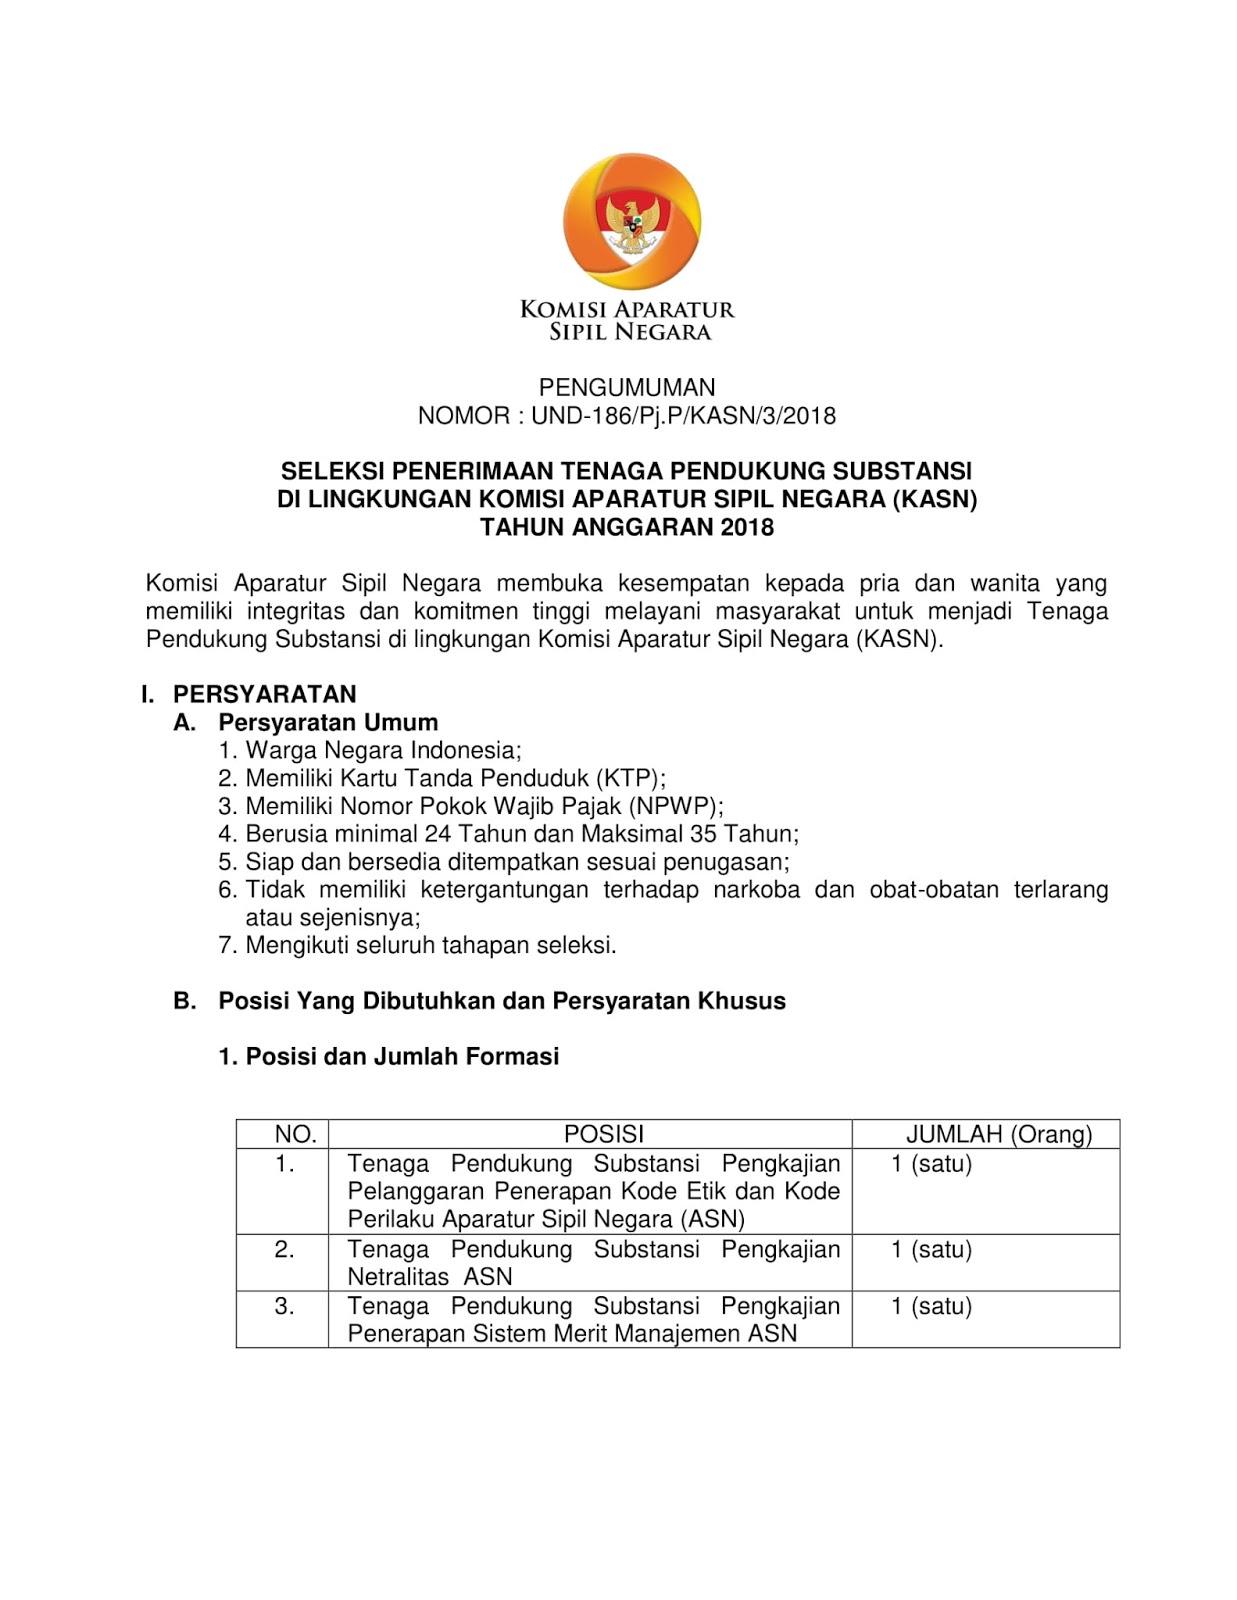 Lowongan Kerja  Rekrutmen Terbaru Tenaga Pendukung di Instansi Komisi Aparatur Sipil Negara (KASN)  Agustus 2018